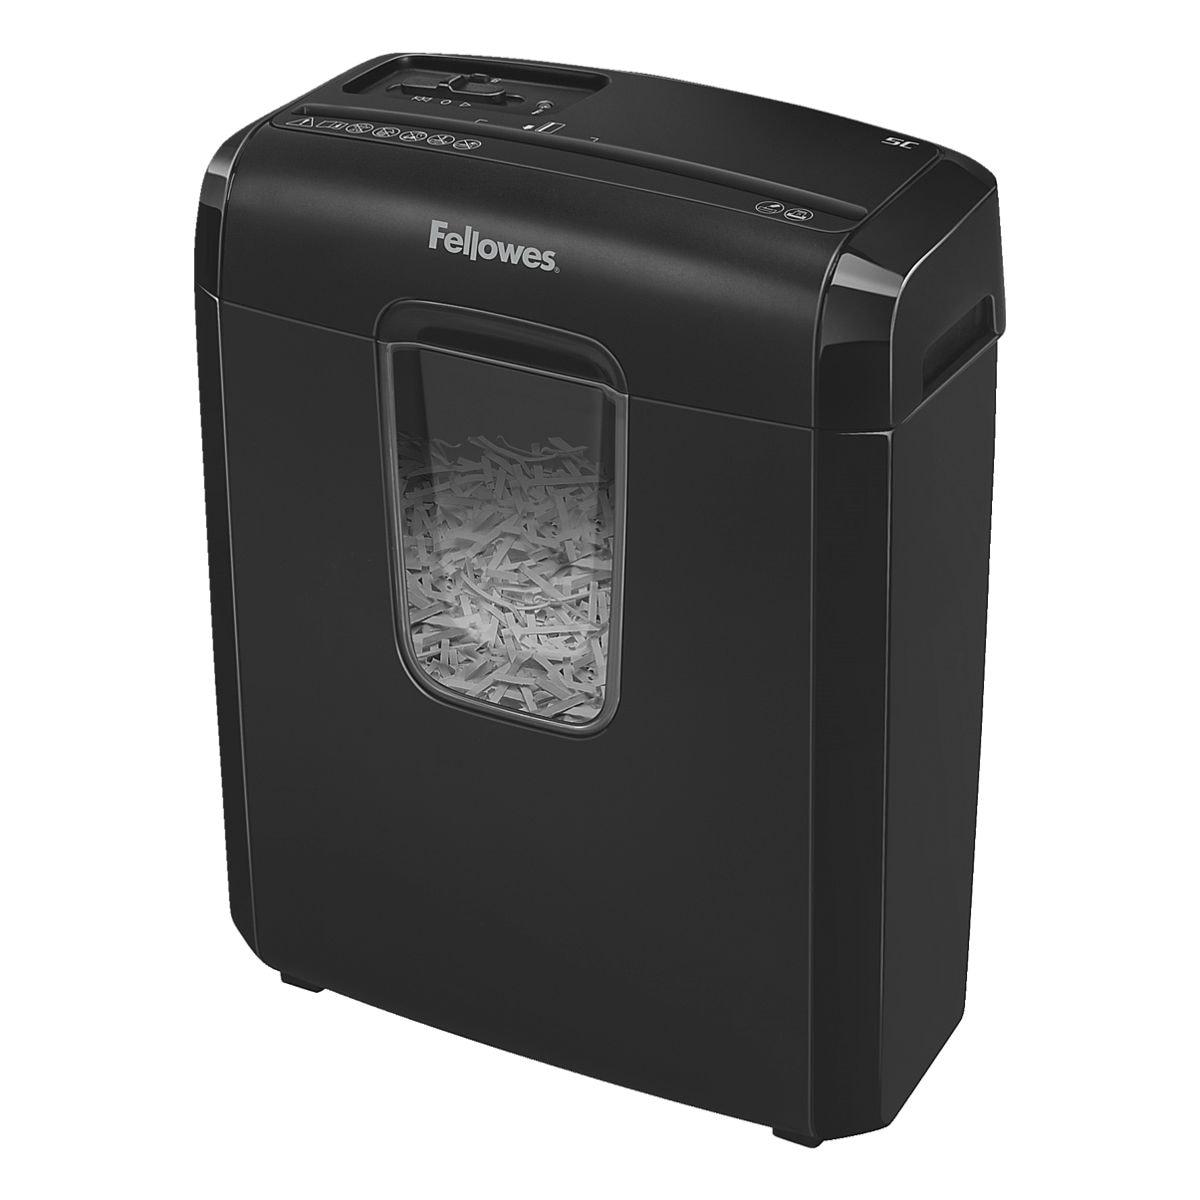 Aktenvernichter Fellowes Powershred 6C, Sicherheitsstufe 4, Partikelschnitt (4 x 35 mm) bis 6 Blatt